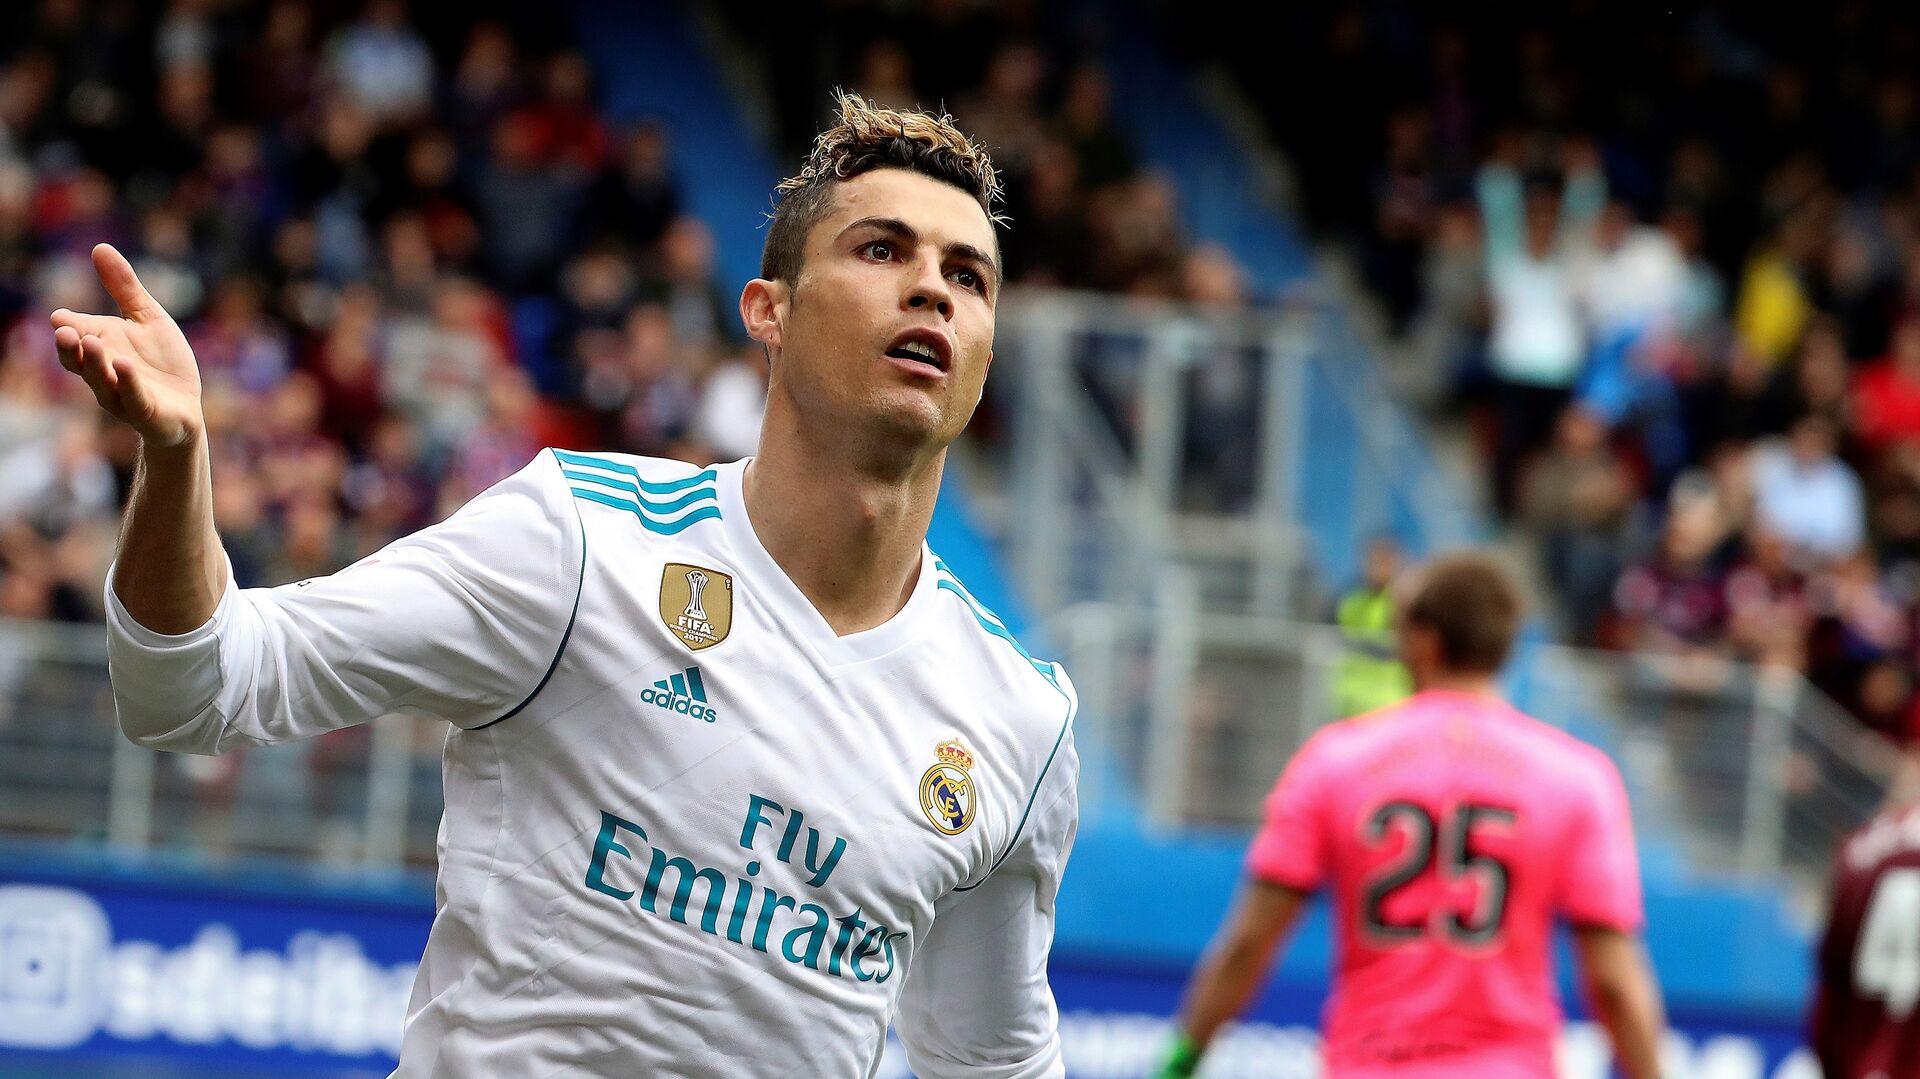 Cristiano no se esconde y lidera la victoria del Real Madrid en ... f8a9782c0ab87